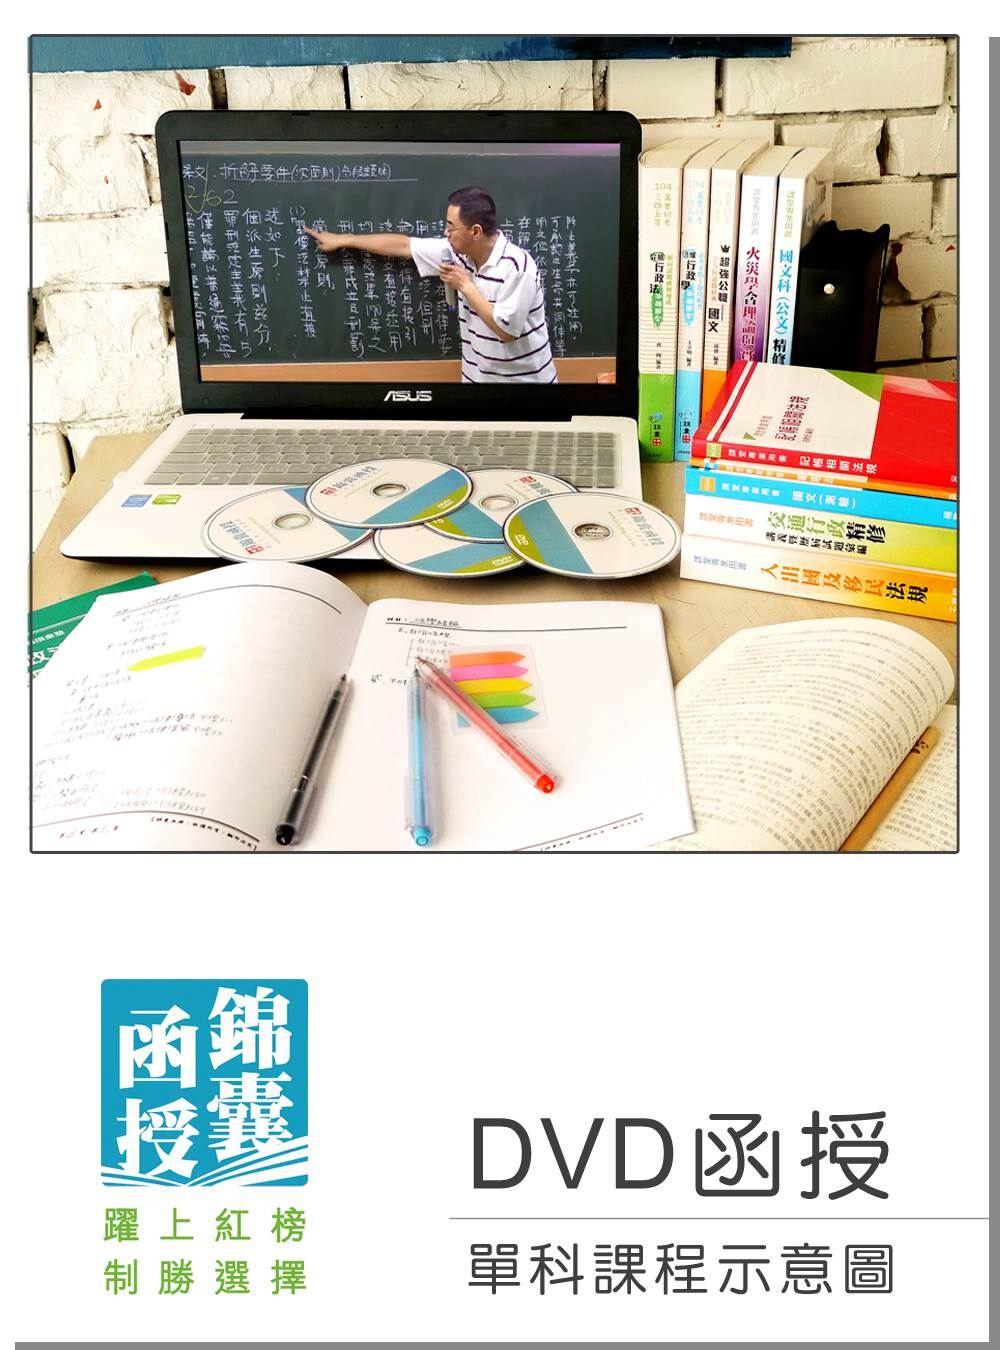 【DVD函授】火災學:單科課程(106版)